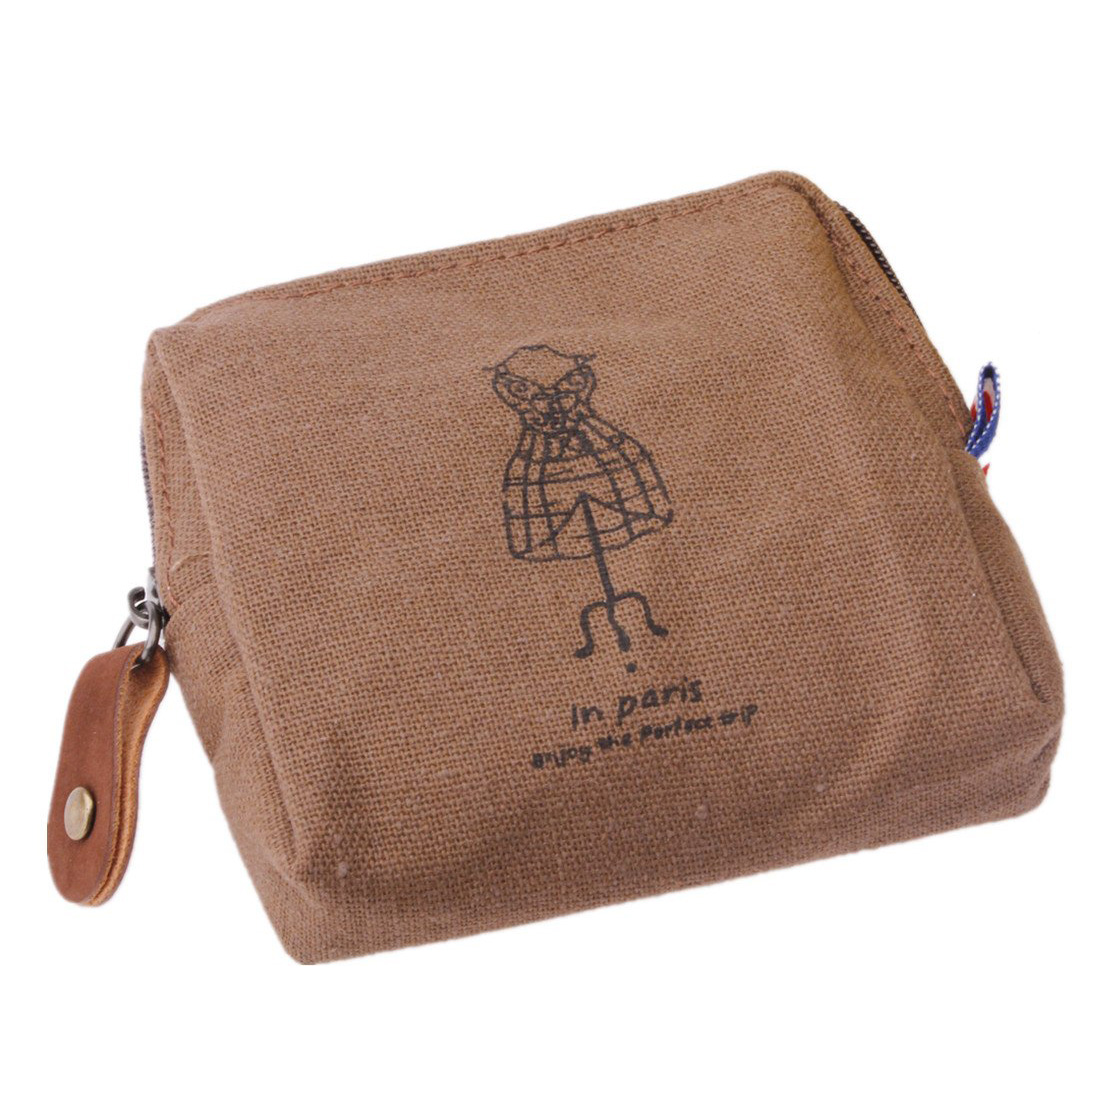 ABDB женщина девушка ретро портативный кошелек сумка для key card Wallet коричневый